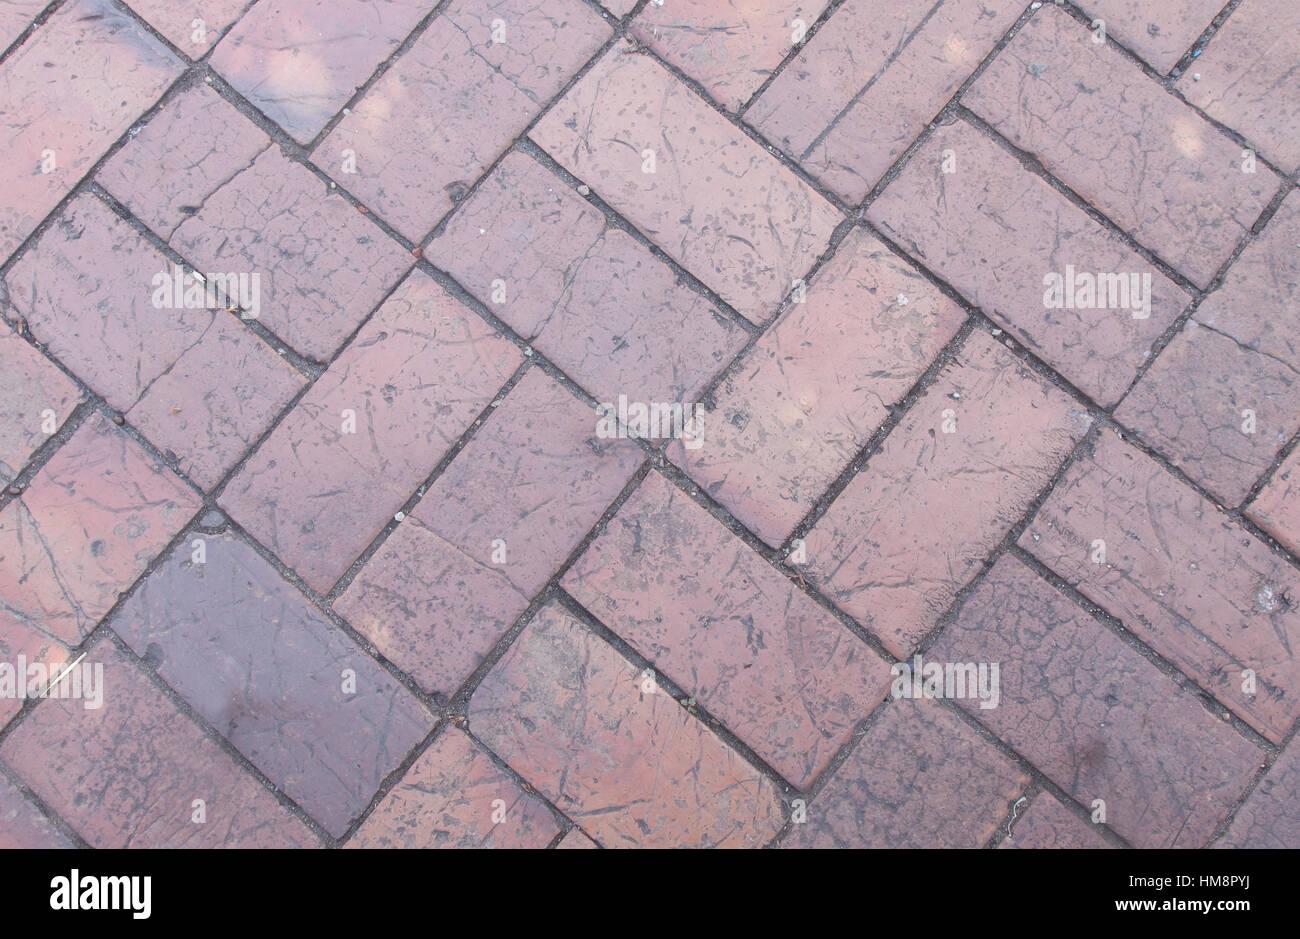 brick paving stock photos & brick paving stock images - alamy